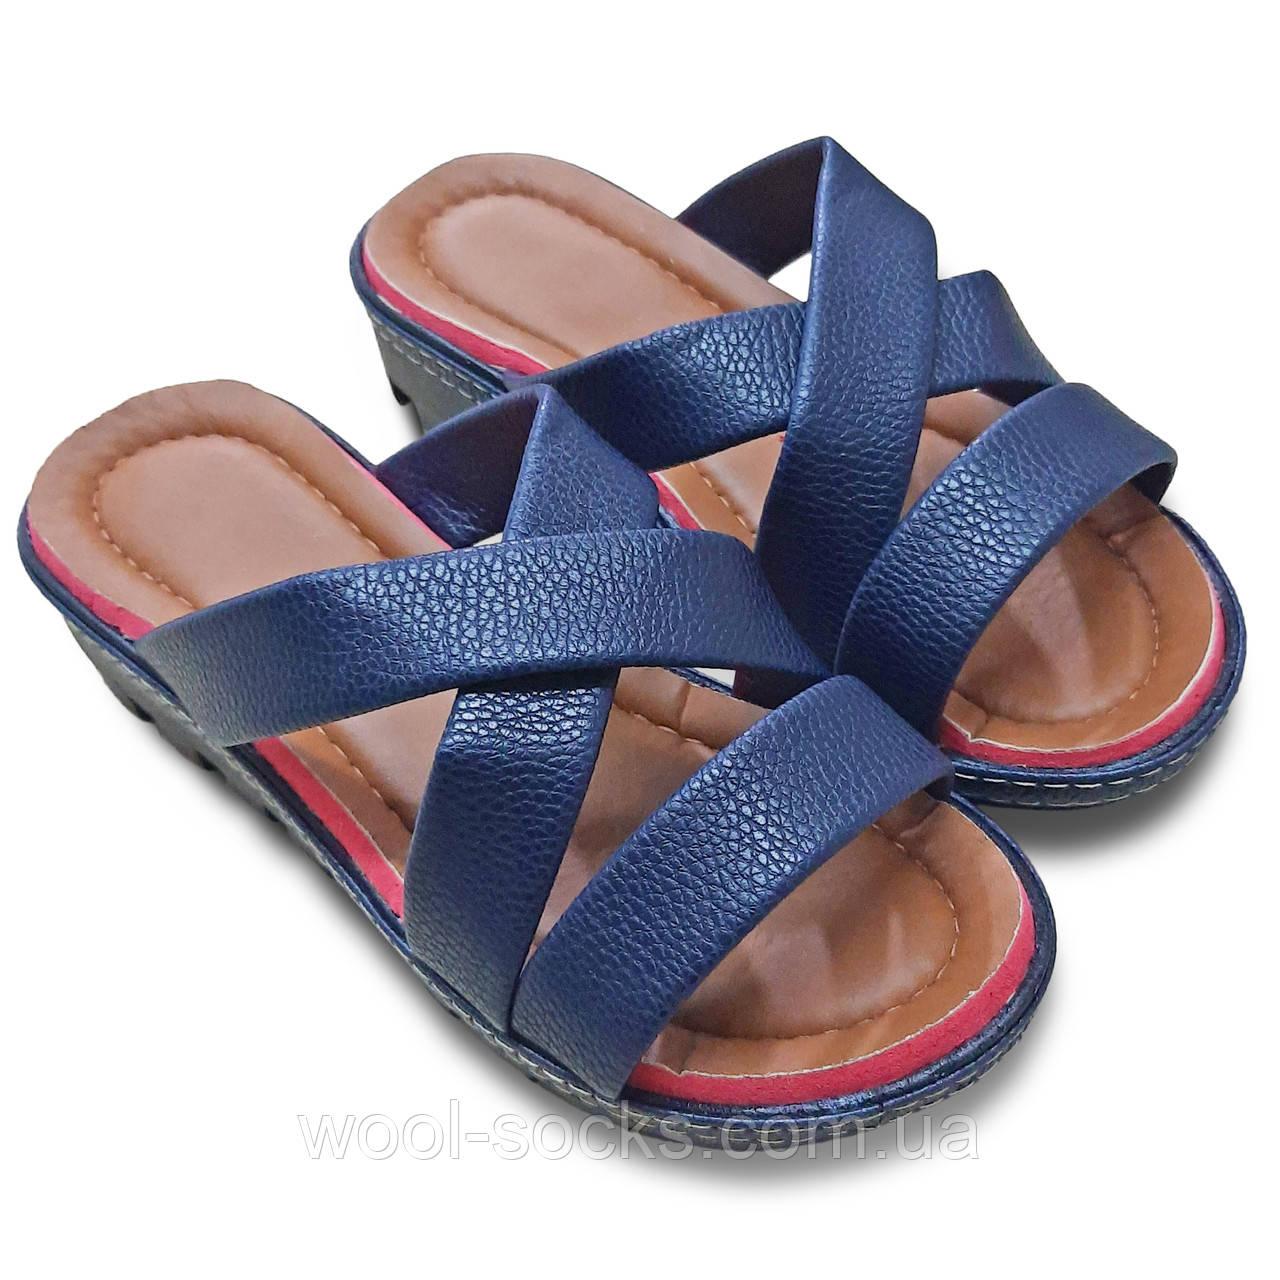 Шлепанцы лето обувь